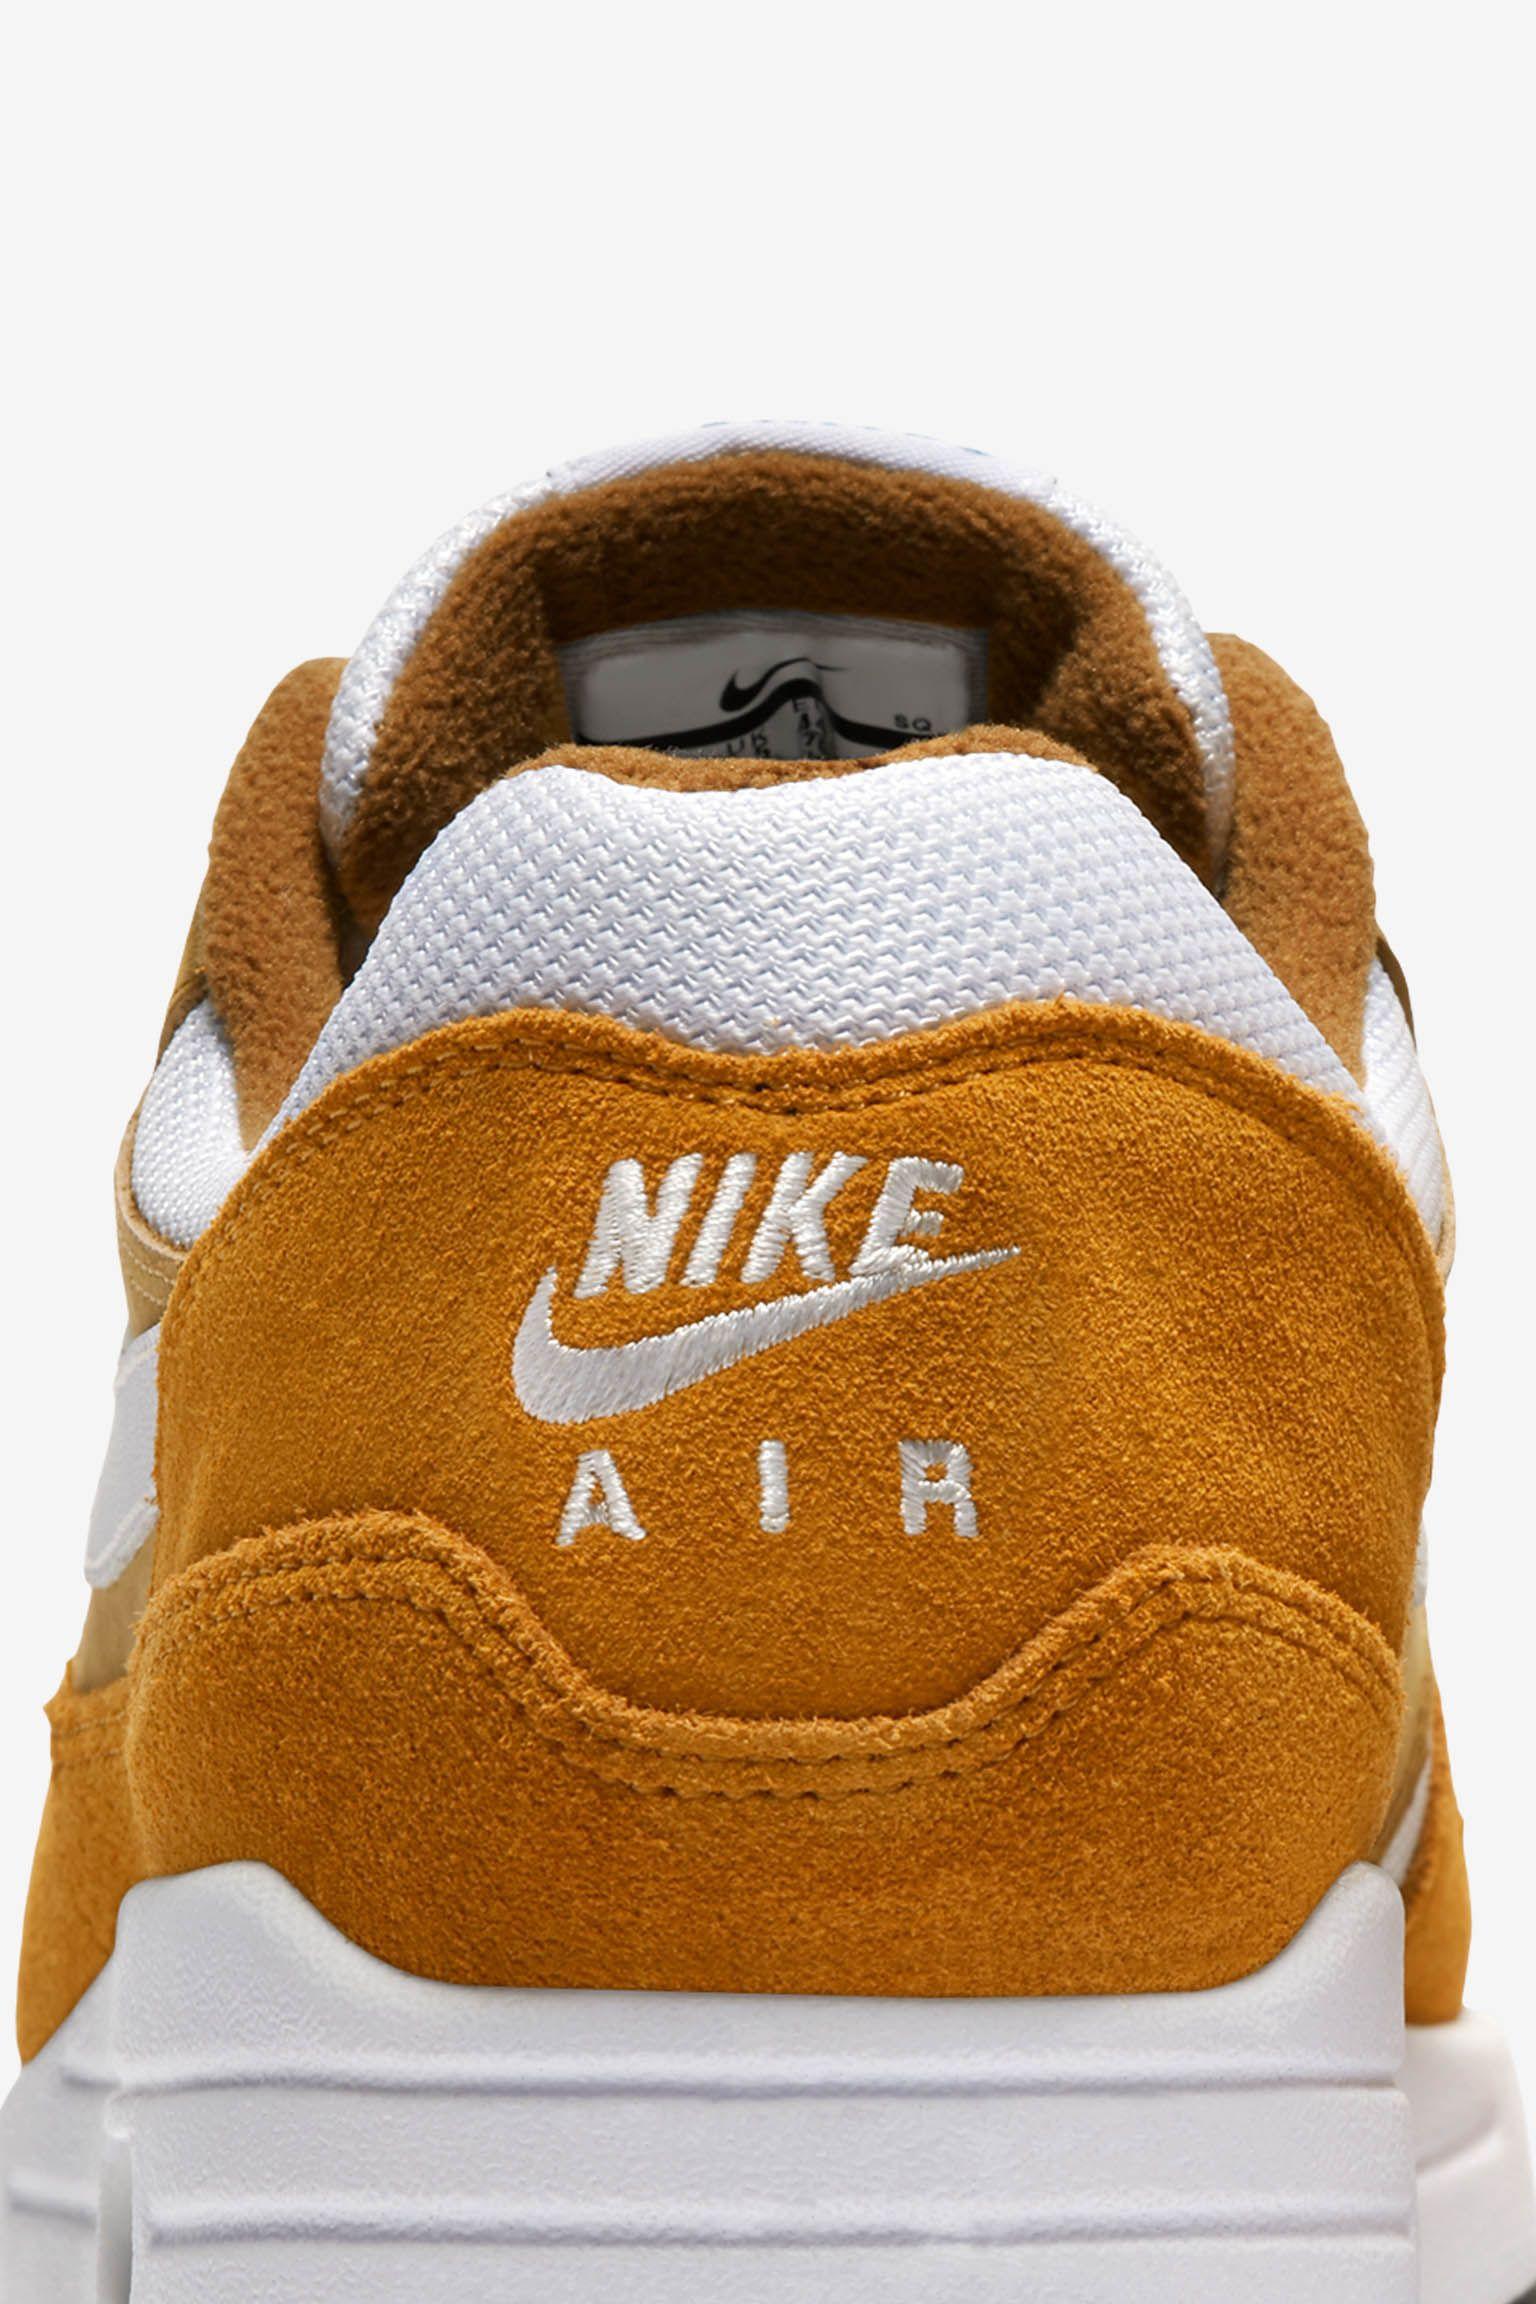 Nike Air Max 1 Premium 'Dark Curry' Release Date